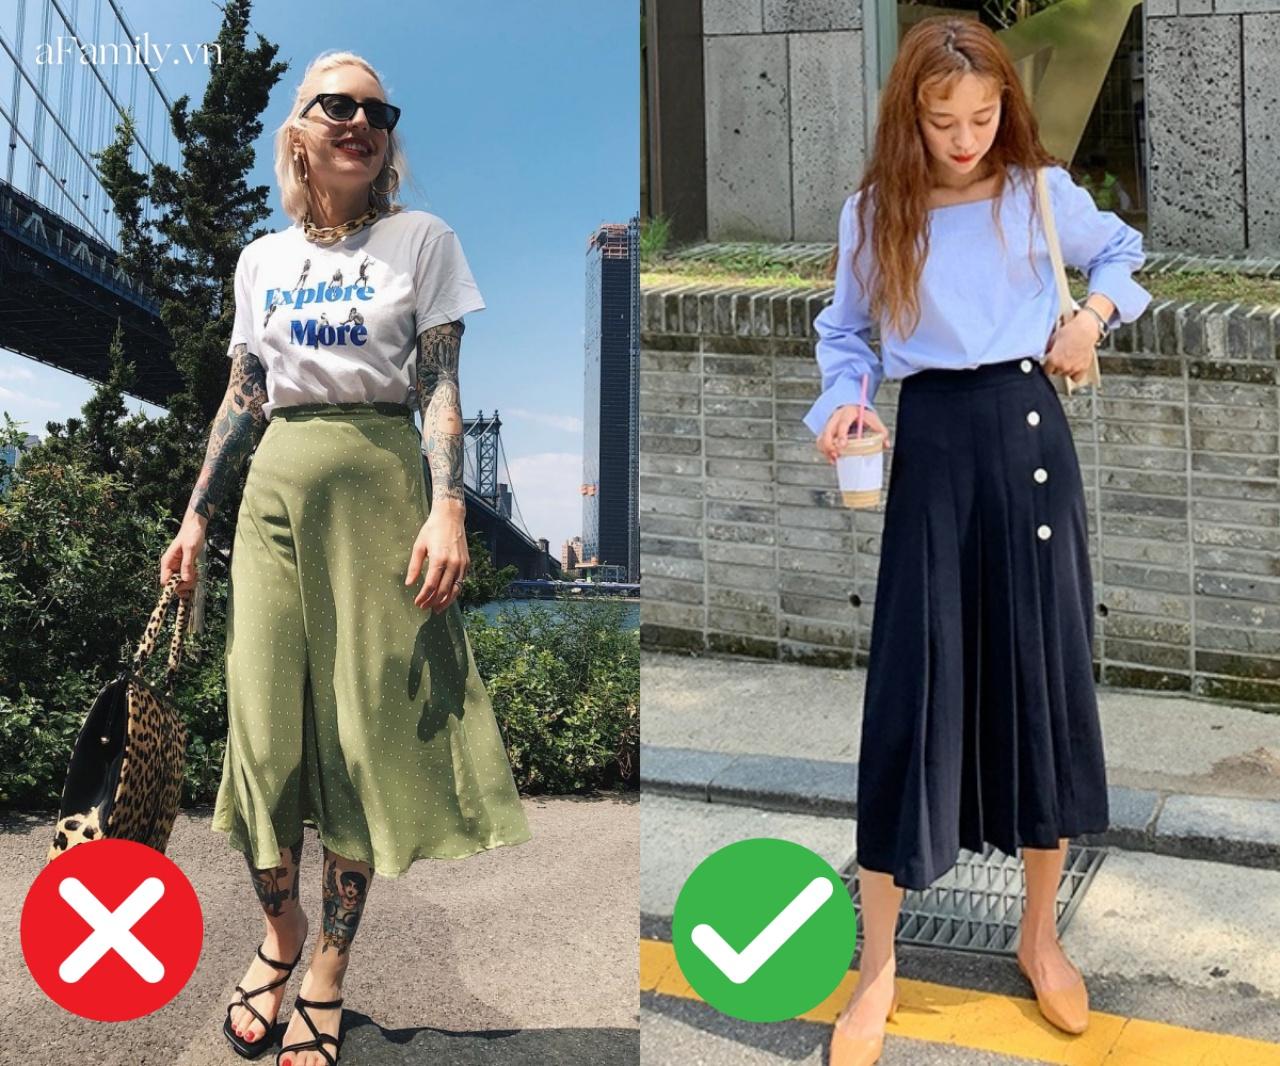 Nàng bụng béo cần tránh xa 5 item sau nếu không muốn style suốt ngày kém đẹp vì lộ nhược điểm - Ảnh 2.